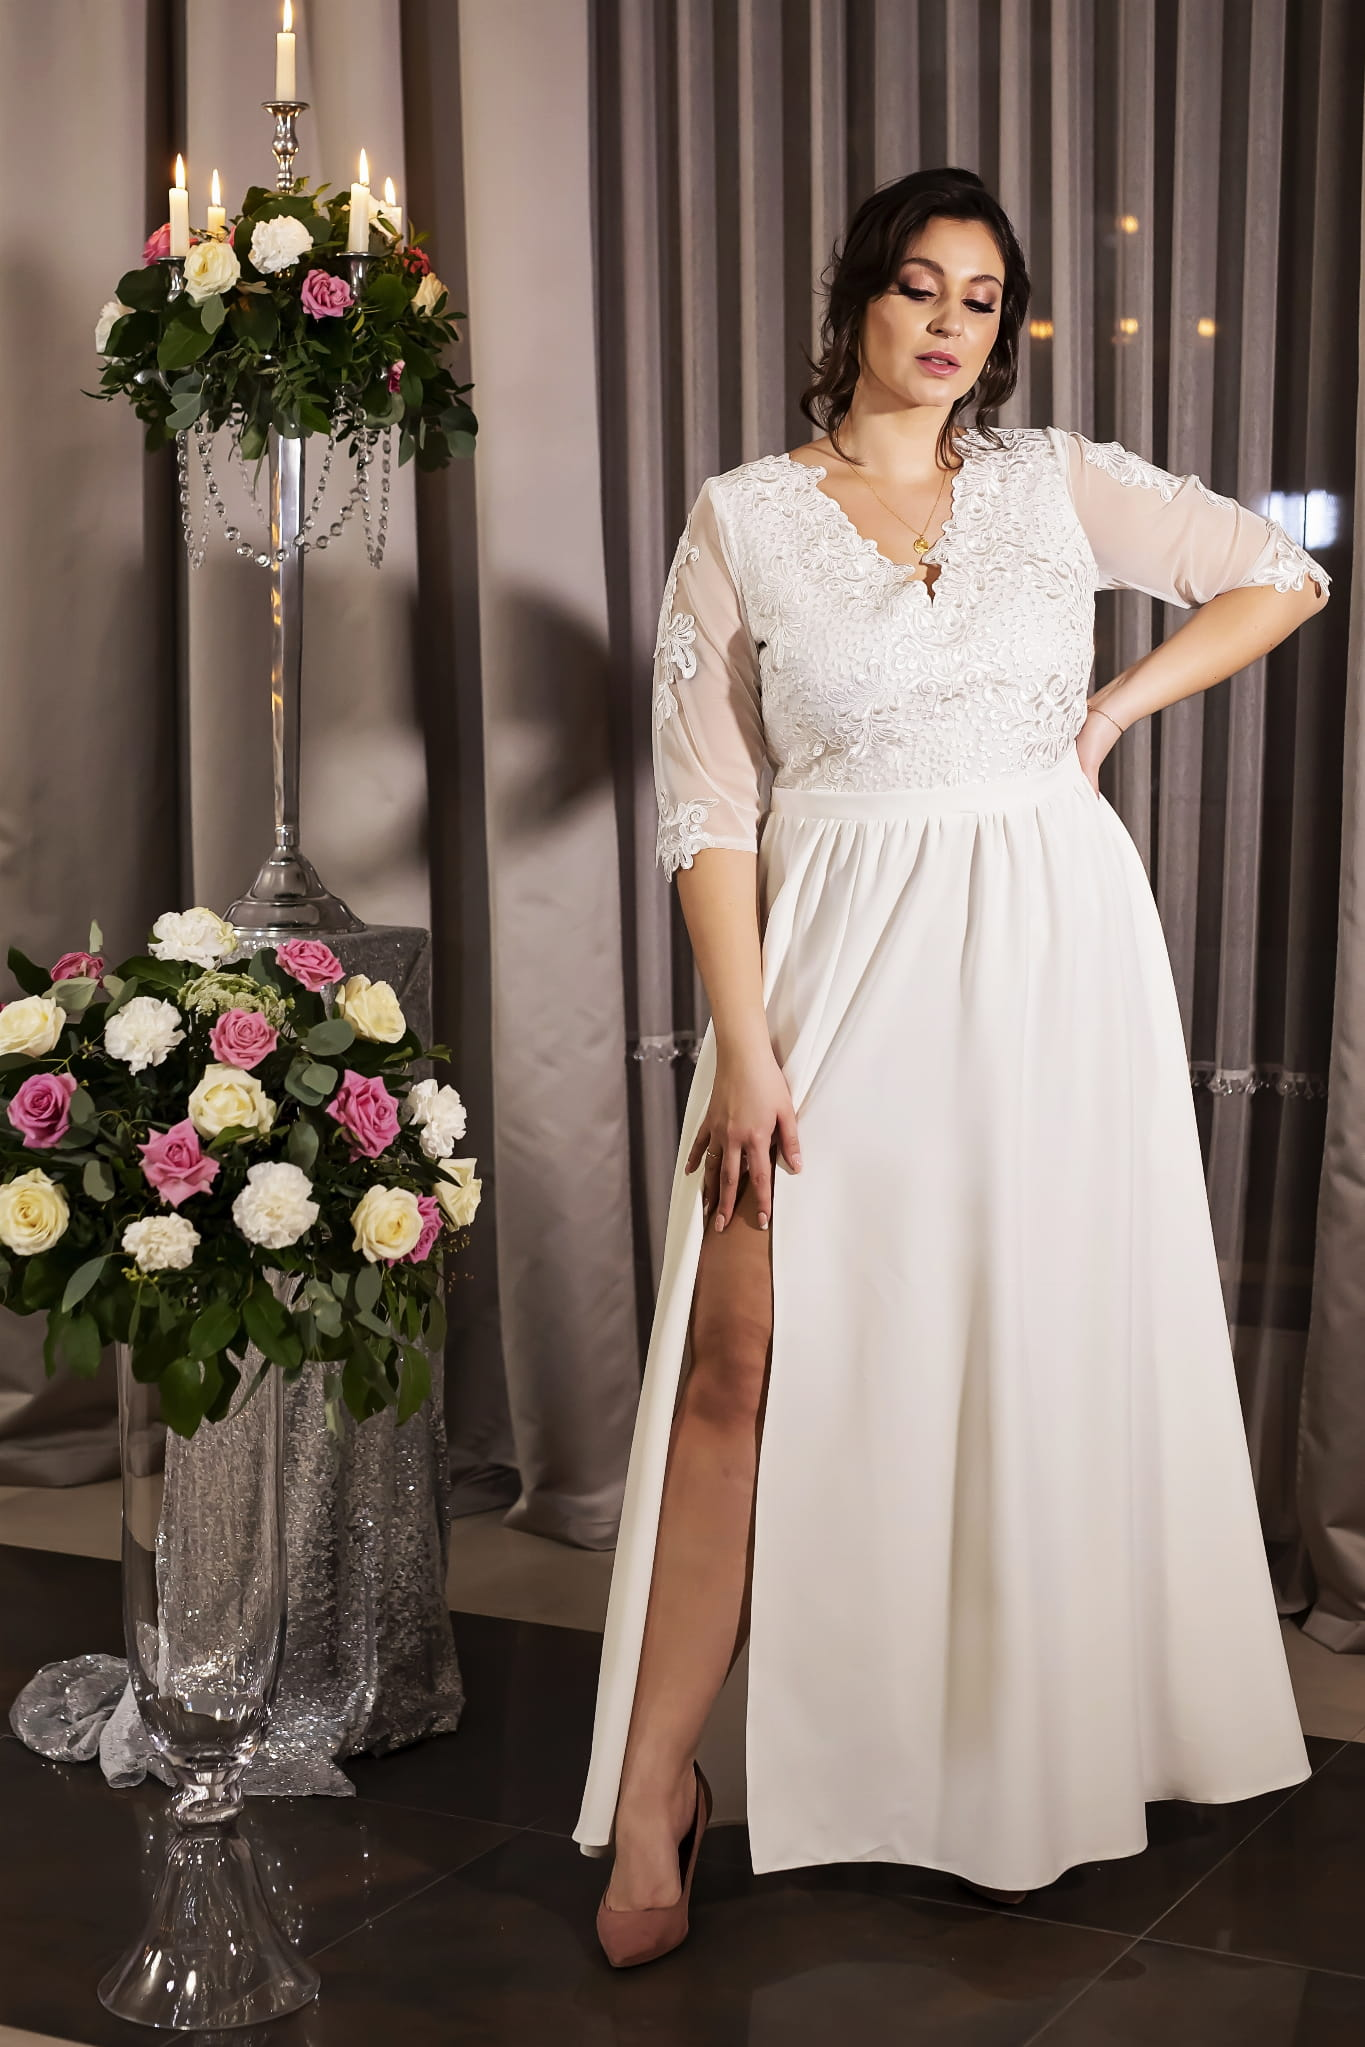 Bílé krajkové šaty pro nevěstu dlouhé 3/4 rukávy - 3XL Barva: Bílá, Velikost: 2XL